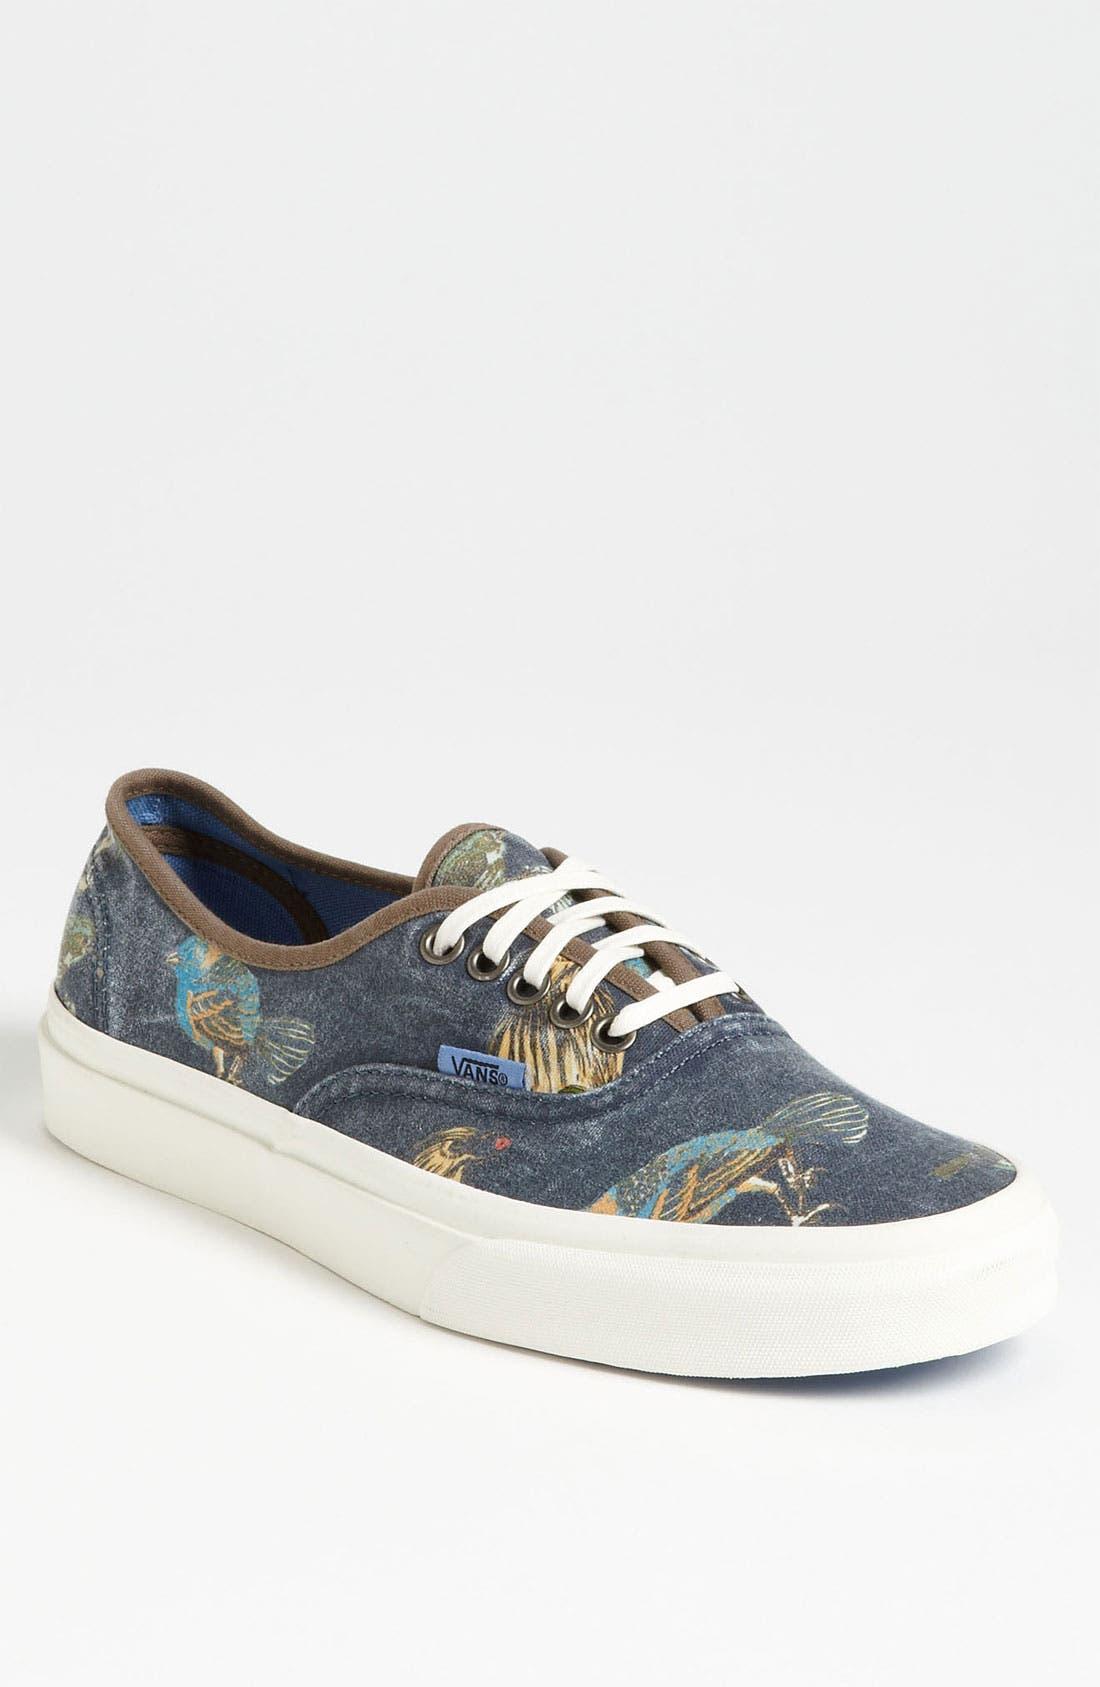 Main Image - Vans 'Cali - Authentic' Print Sneaker (Men)